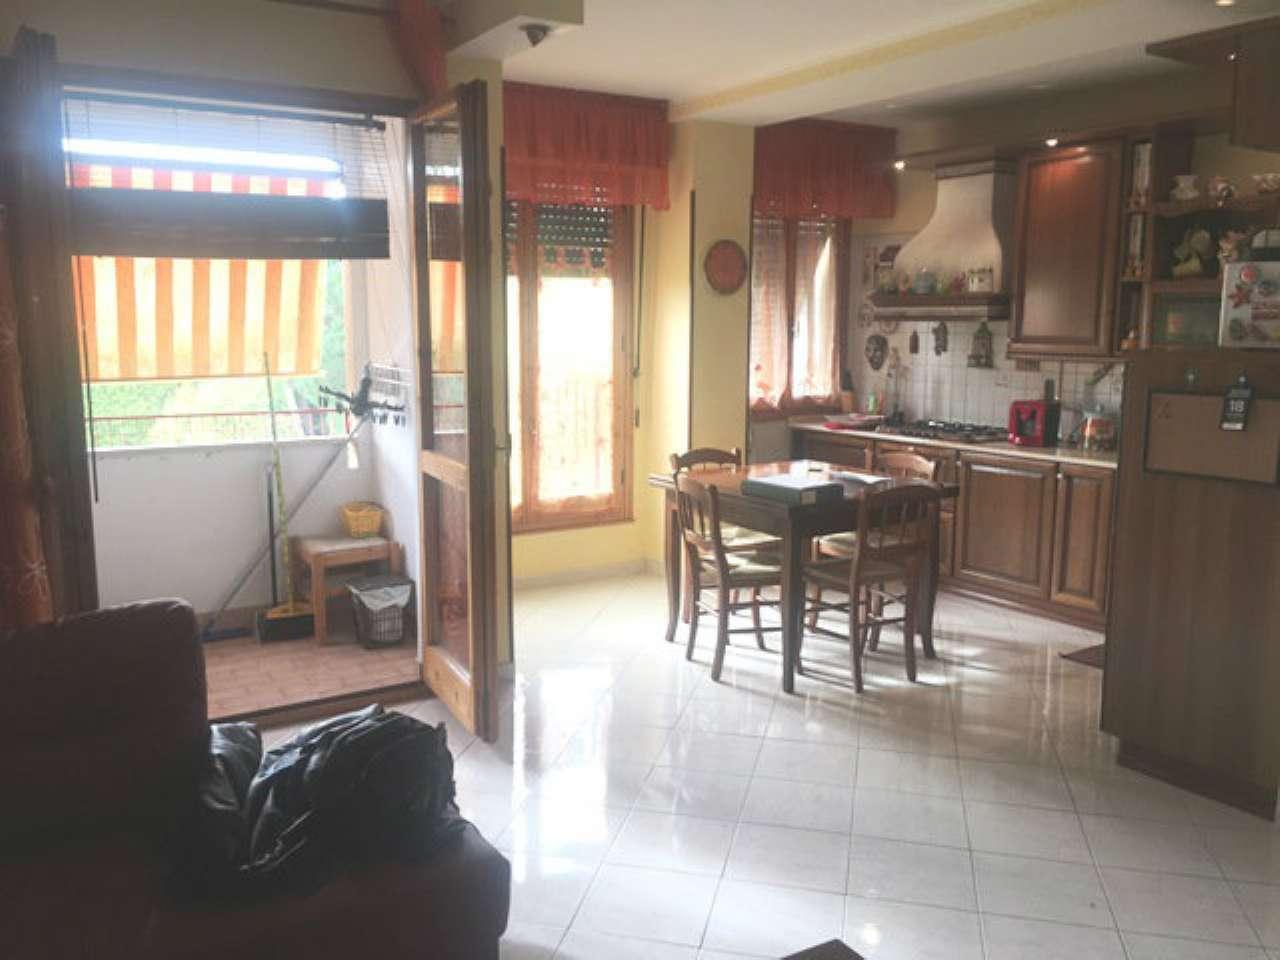 Appartamento in vendita a Roma, 3 locali, zona Zona: 5 . Montesacro - Talenti, prezzo € 229.000 | CambioCasa.it